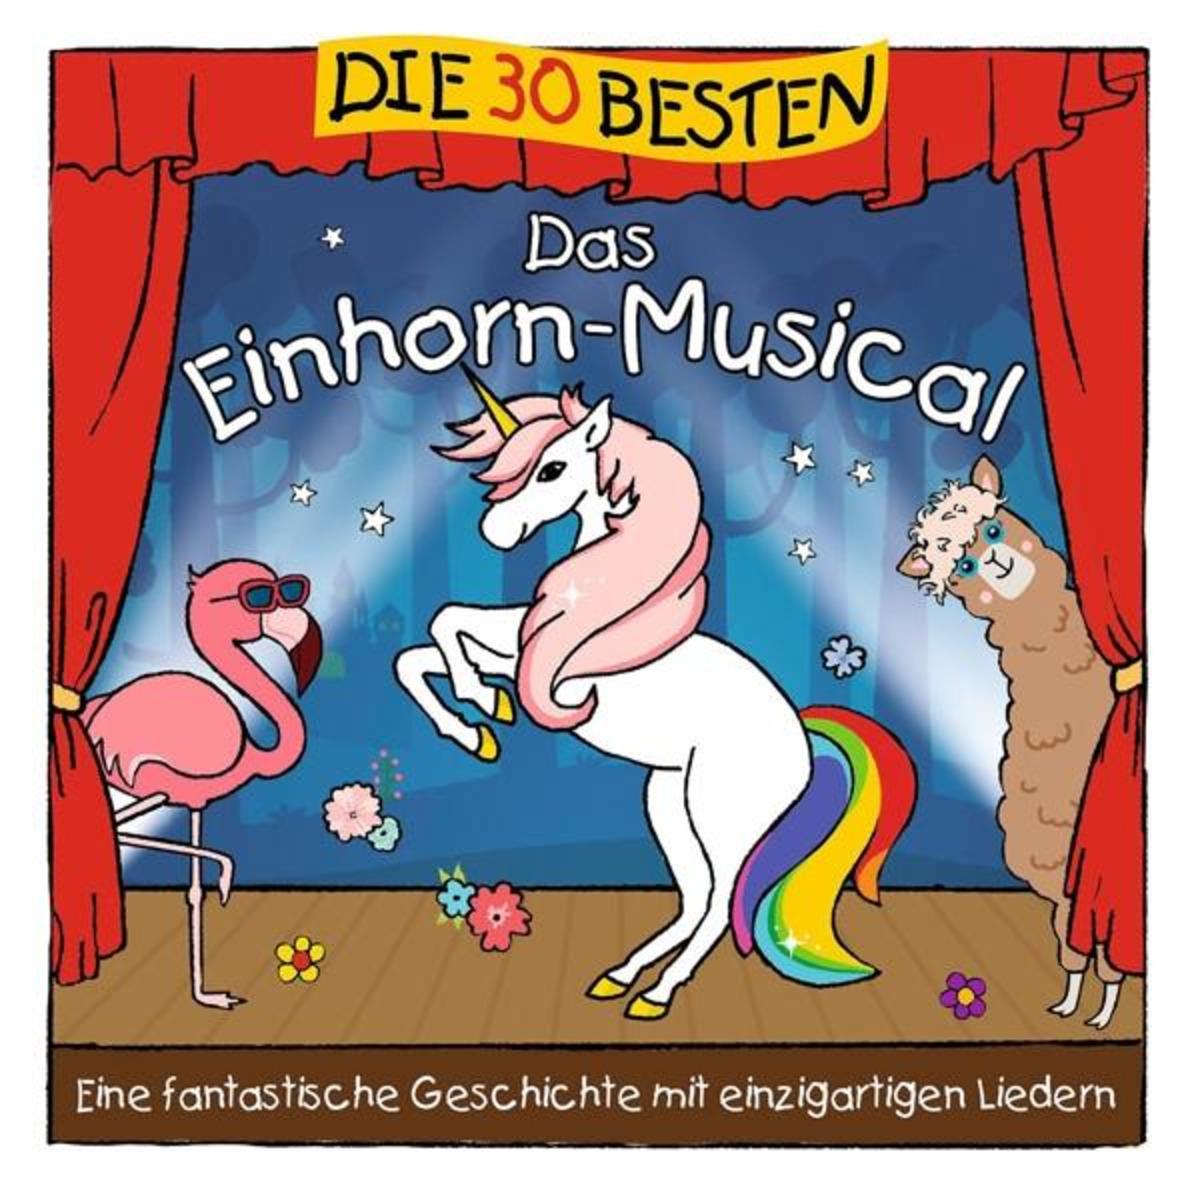 Bild 1 von Die 30 Besten: Das Einhorn-Musical Sommerland,S./Glück,K.& Kita-Frösche,Die auf CD online